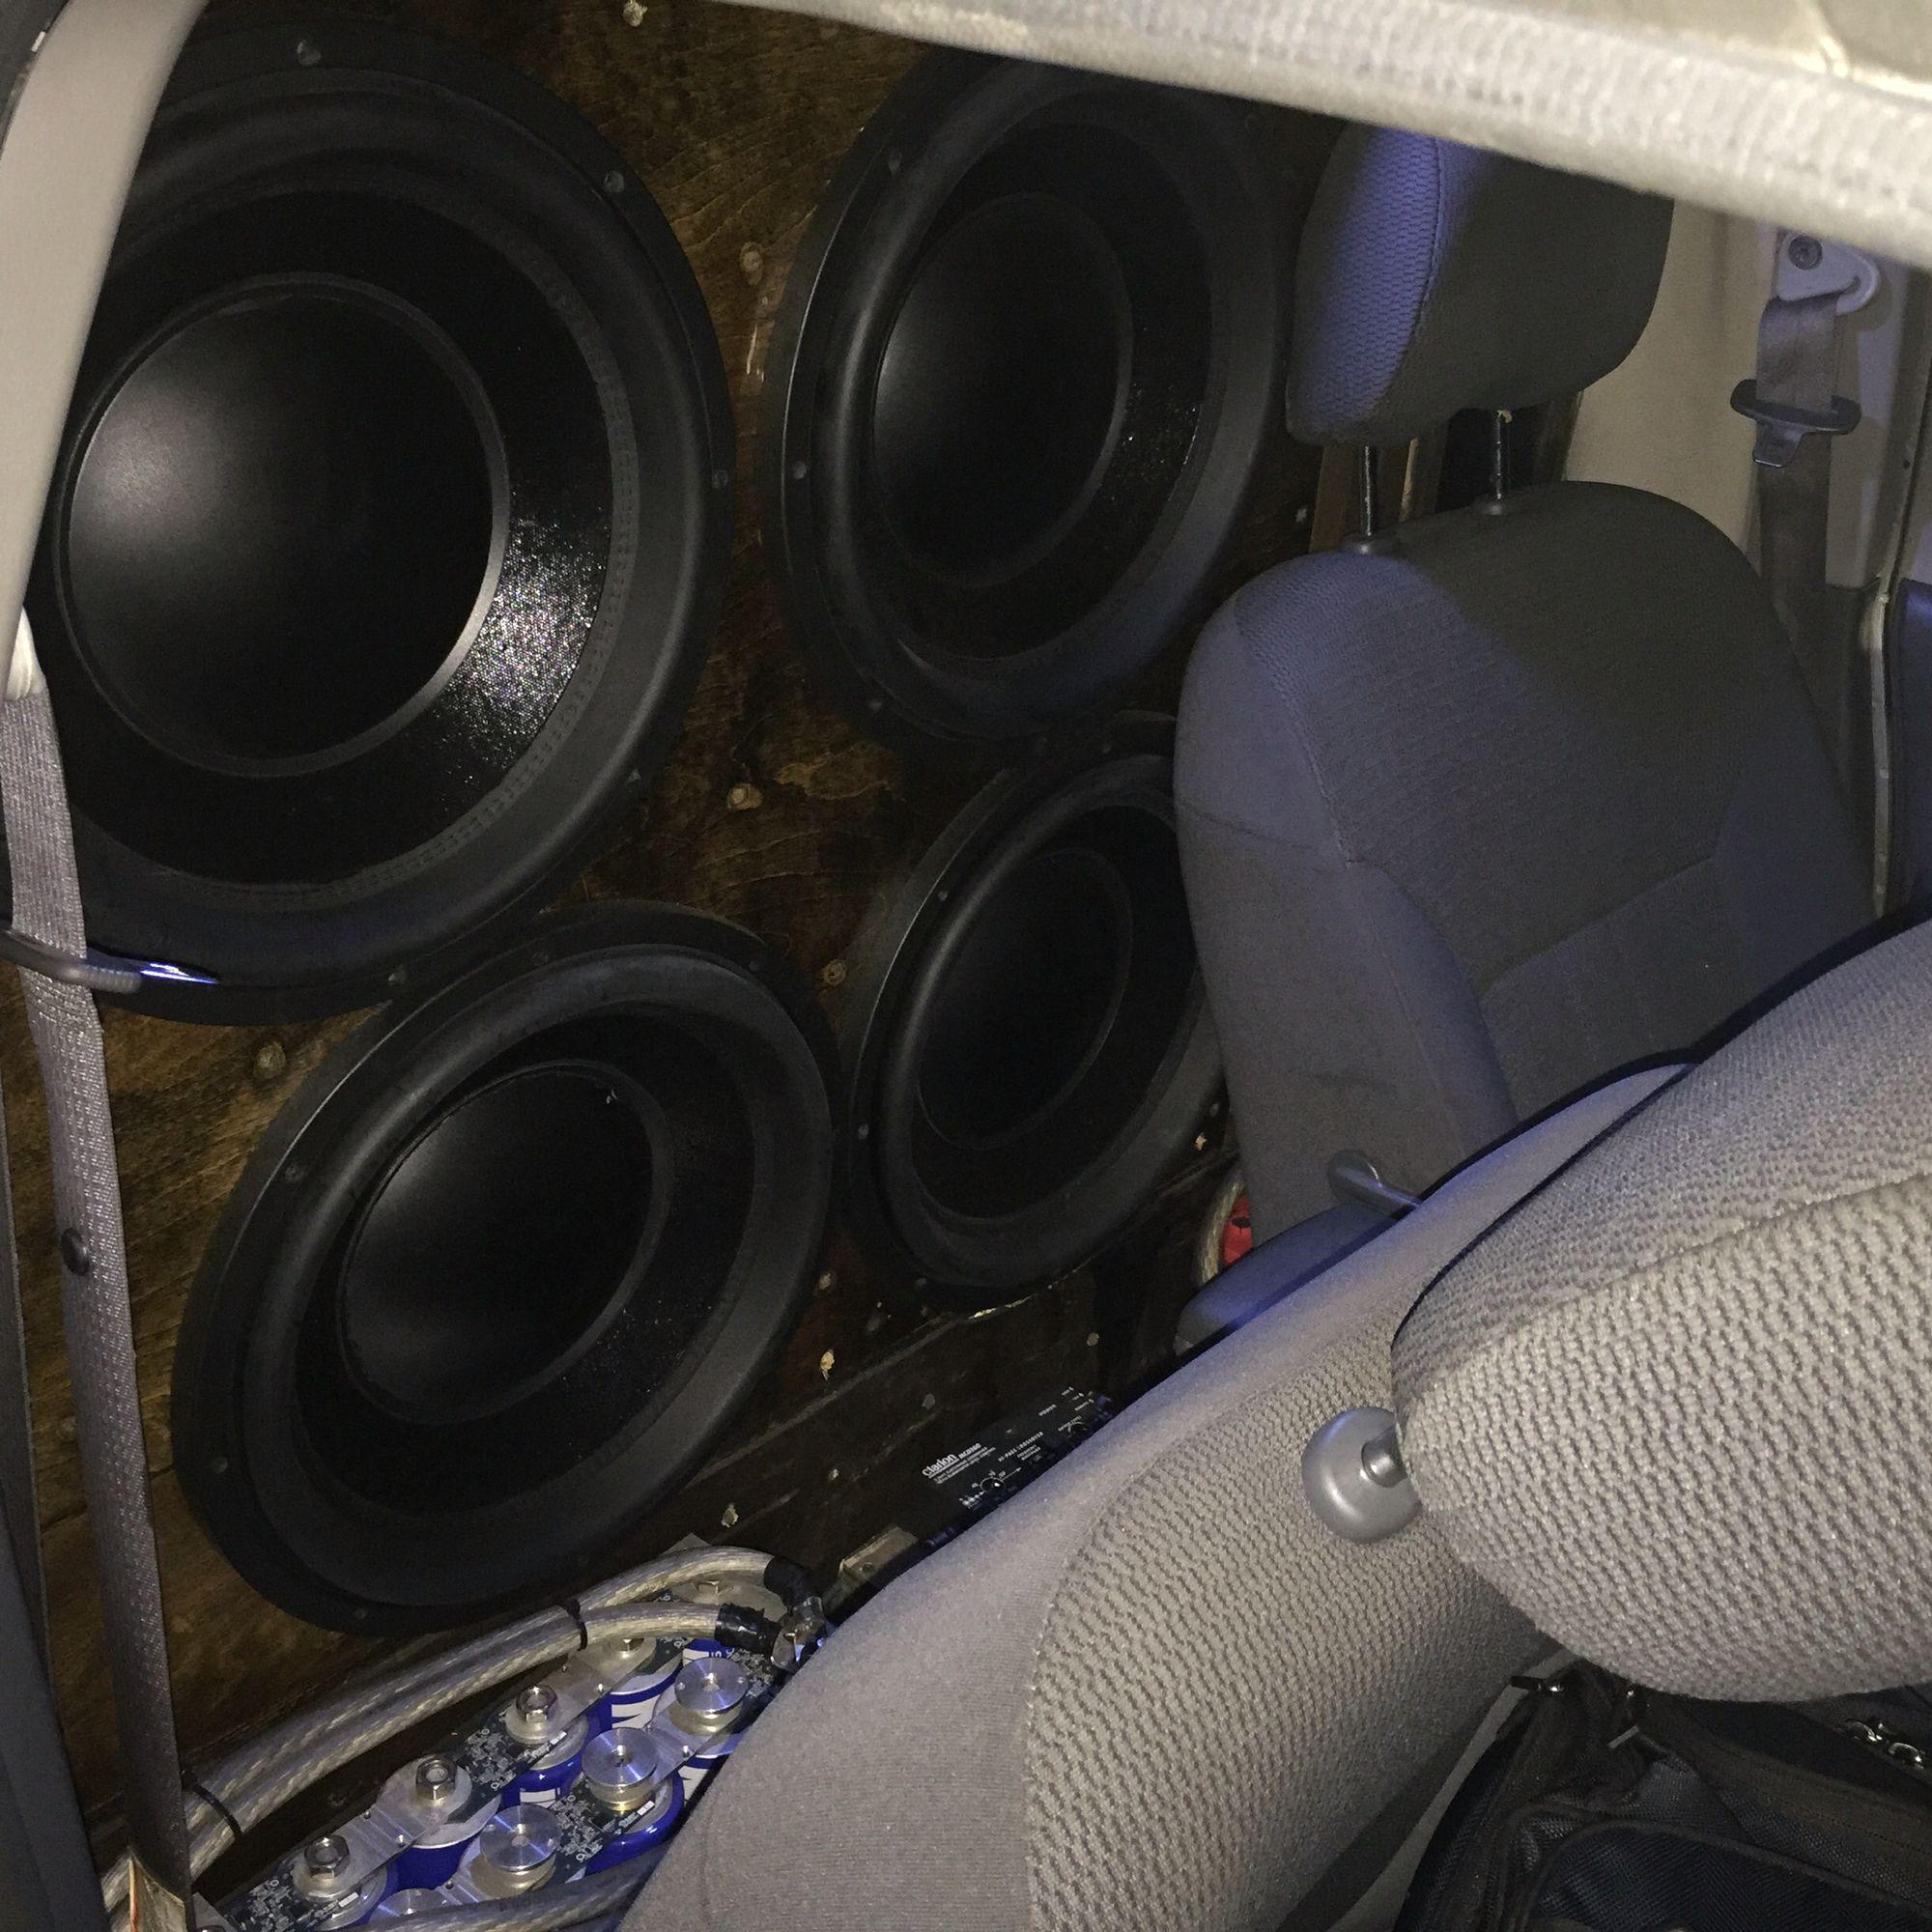 Audio installations presto mobile 420 dupree drive